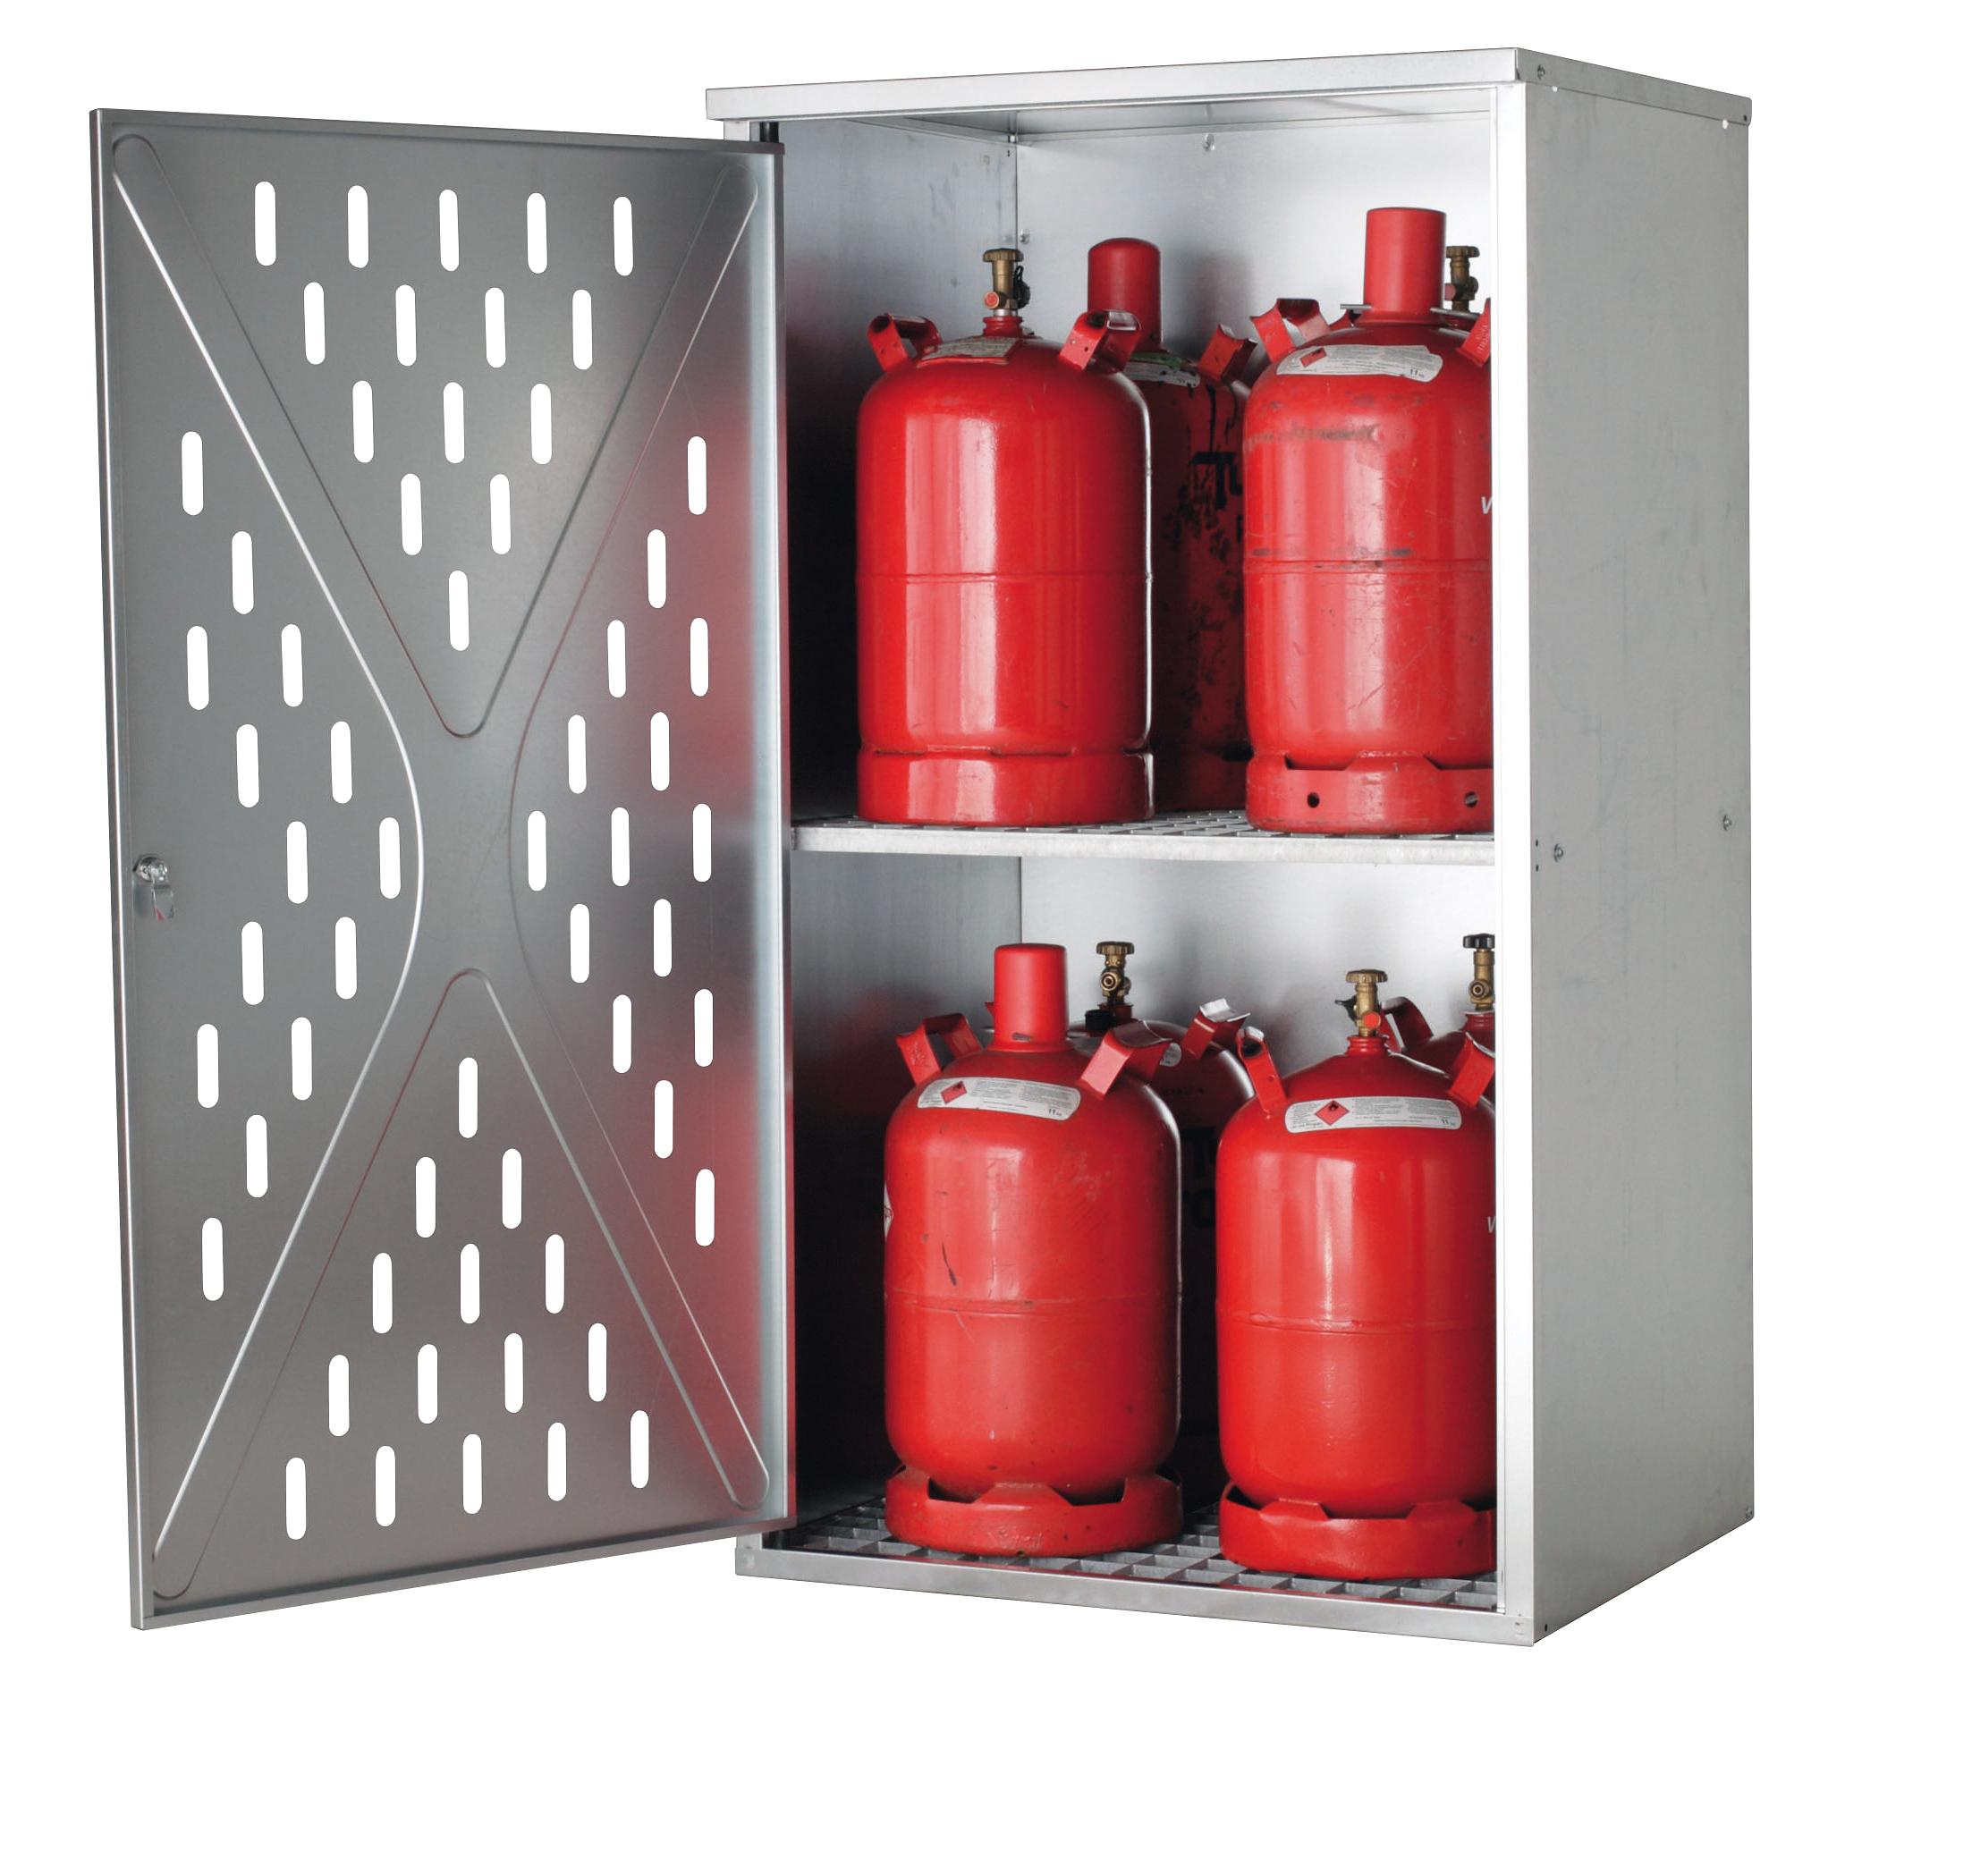 Gasflaschenschrank LG.2845 asecos, für 4 x 33/10 x 11/18 x 5 kg, 1-wandig, für Außen, abschließbar